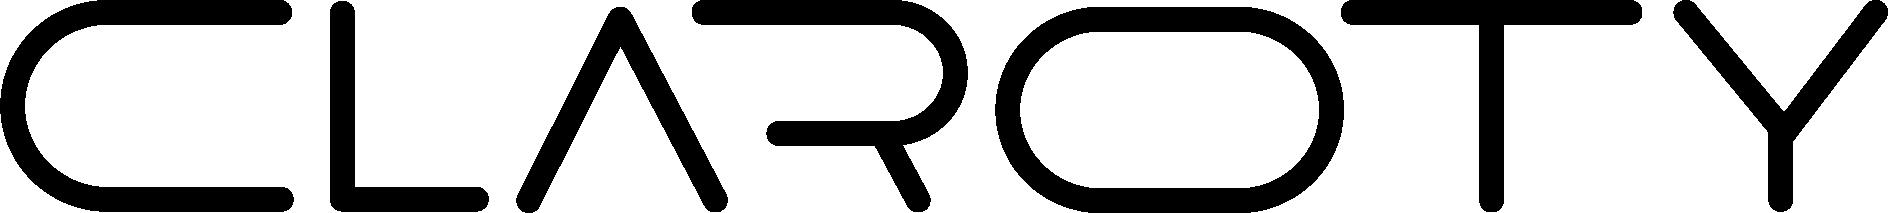 Claroty logo